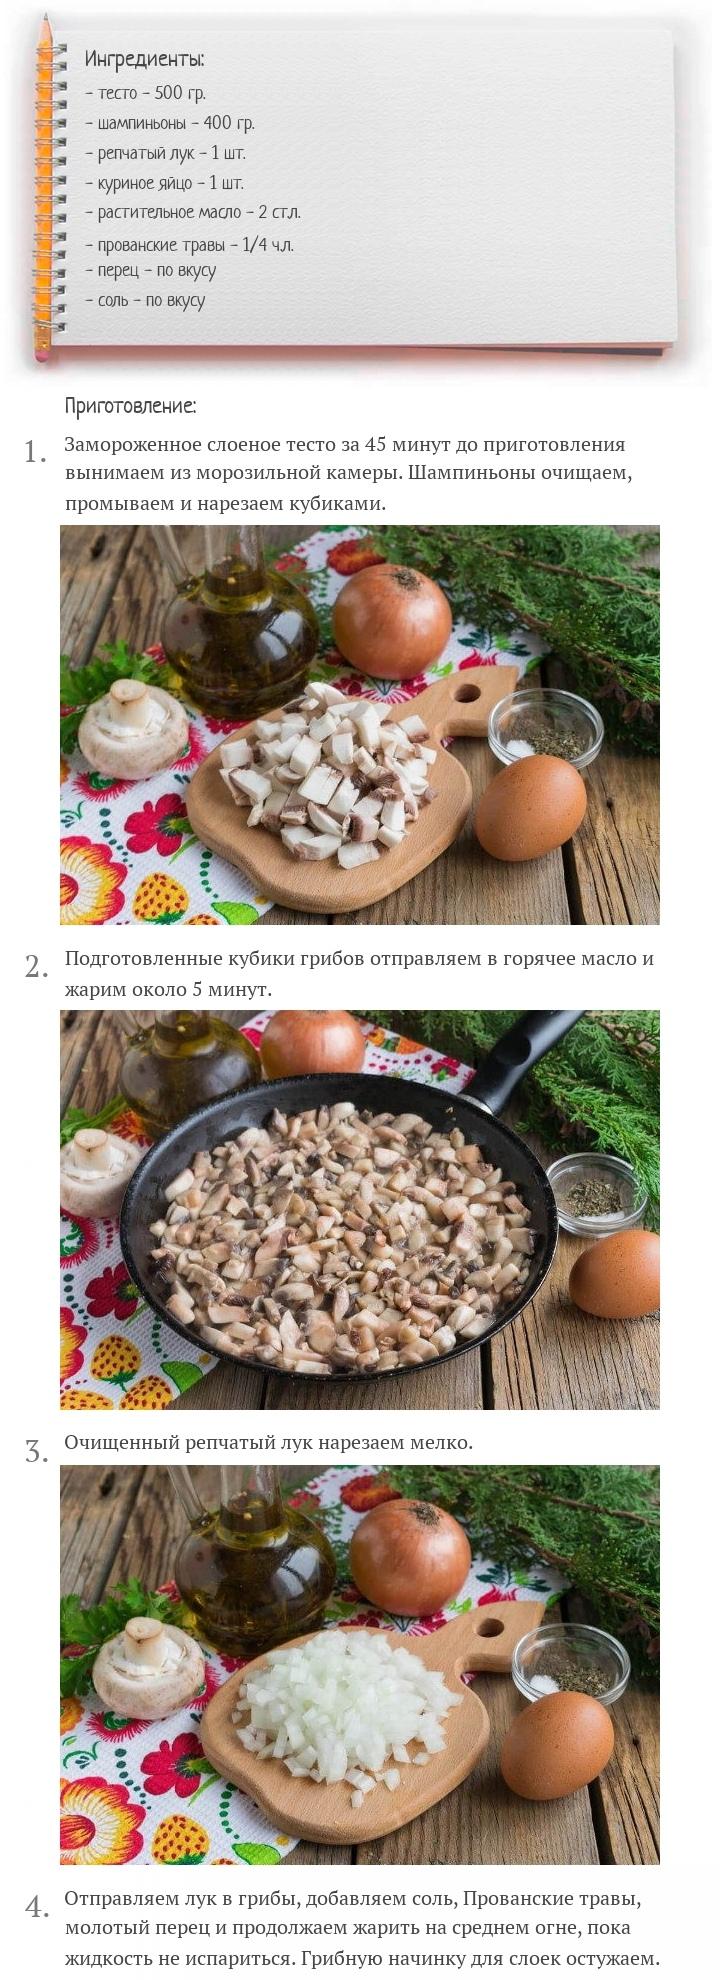 Слойки с грибами и луком, изображение №2